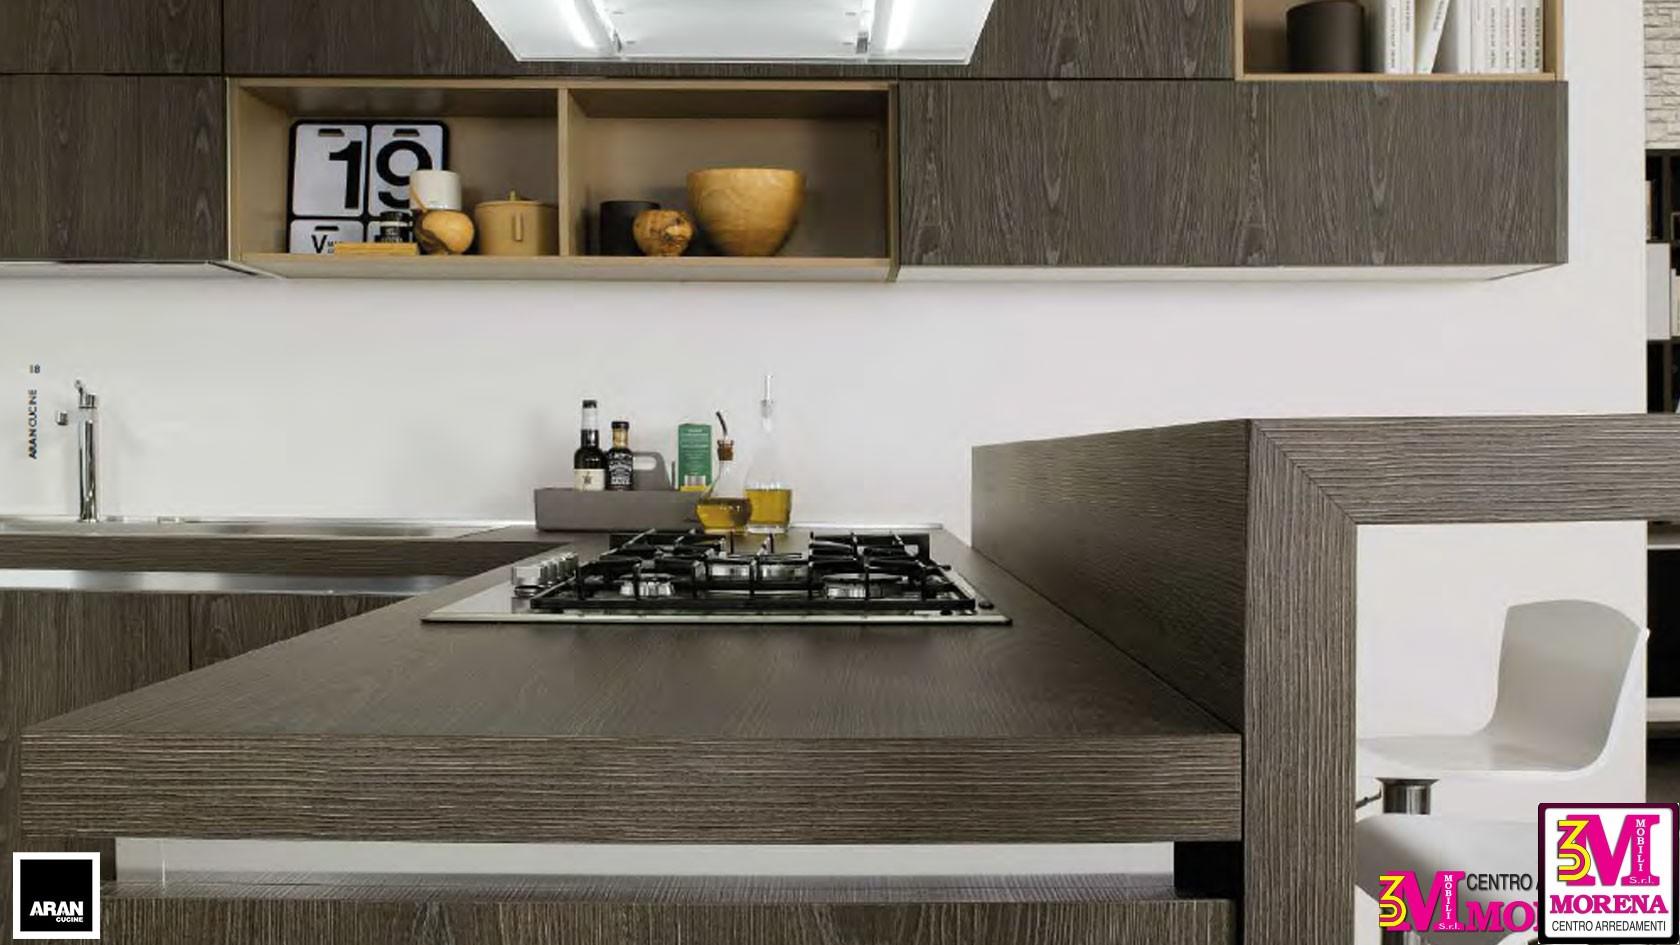 Best Aran Cucine Recensioni Images - Ideas & Design 2017 ...